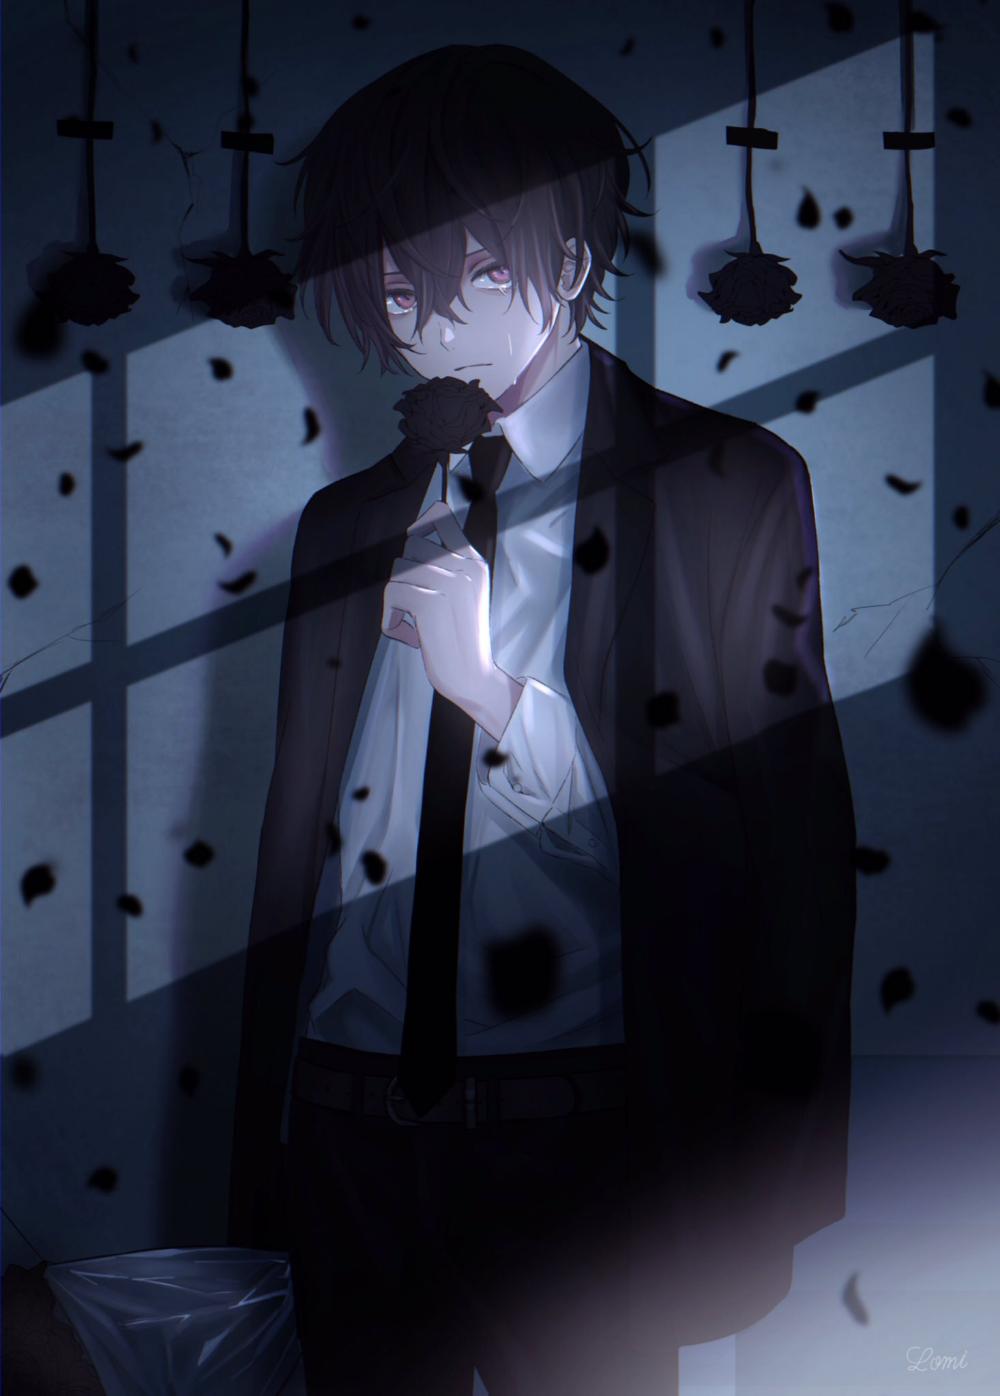 Anime Bilder Traurig Racine By Menolly90black In 2020 Dark Anime Cute Anime Boy Anime Drawings Boy dark anime cute anime boy anime